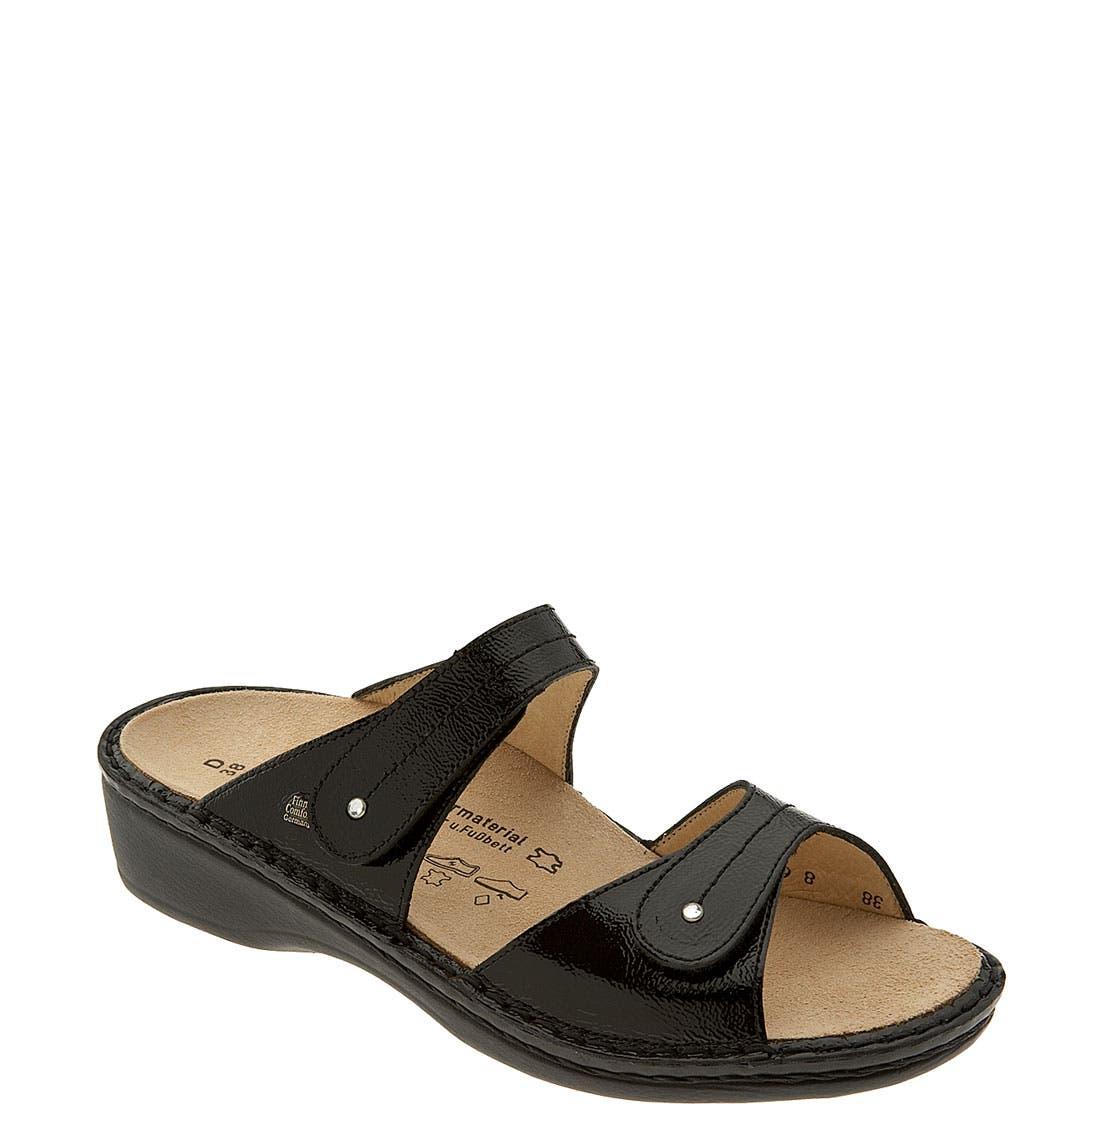 Alternate Image 1 Selected - Finn Comfort 'Catalina' Sandal (Online Only)